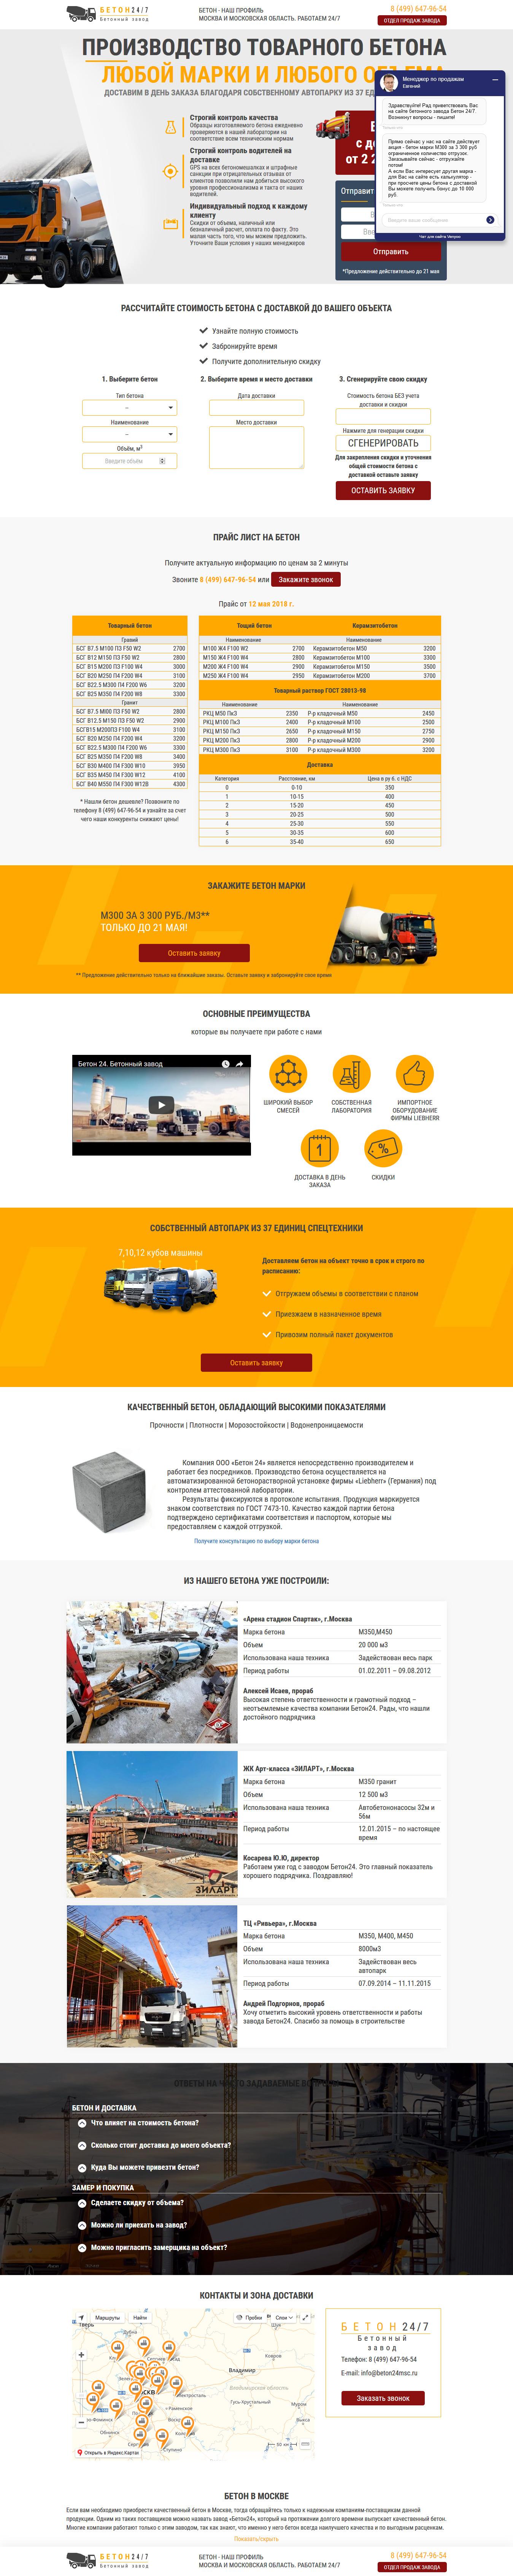 Шаблон лендинга: Производство товарного бетона